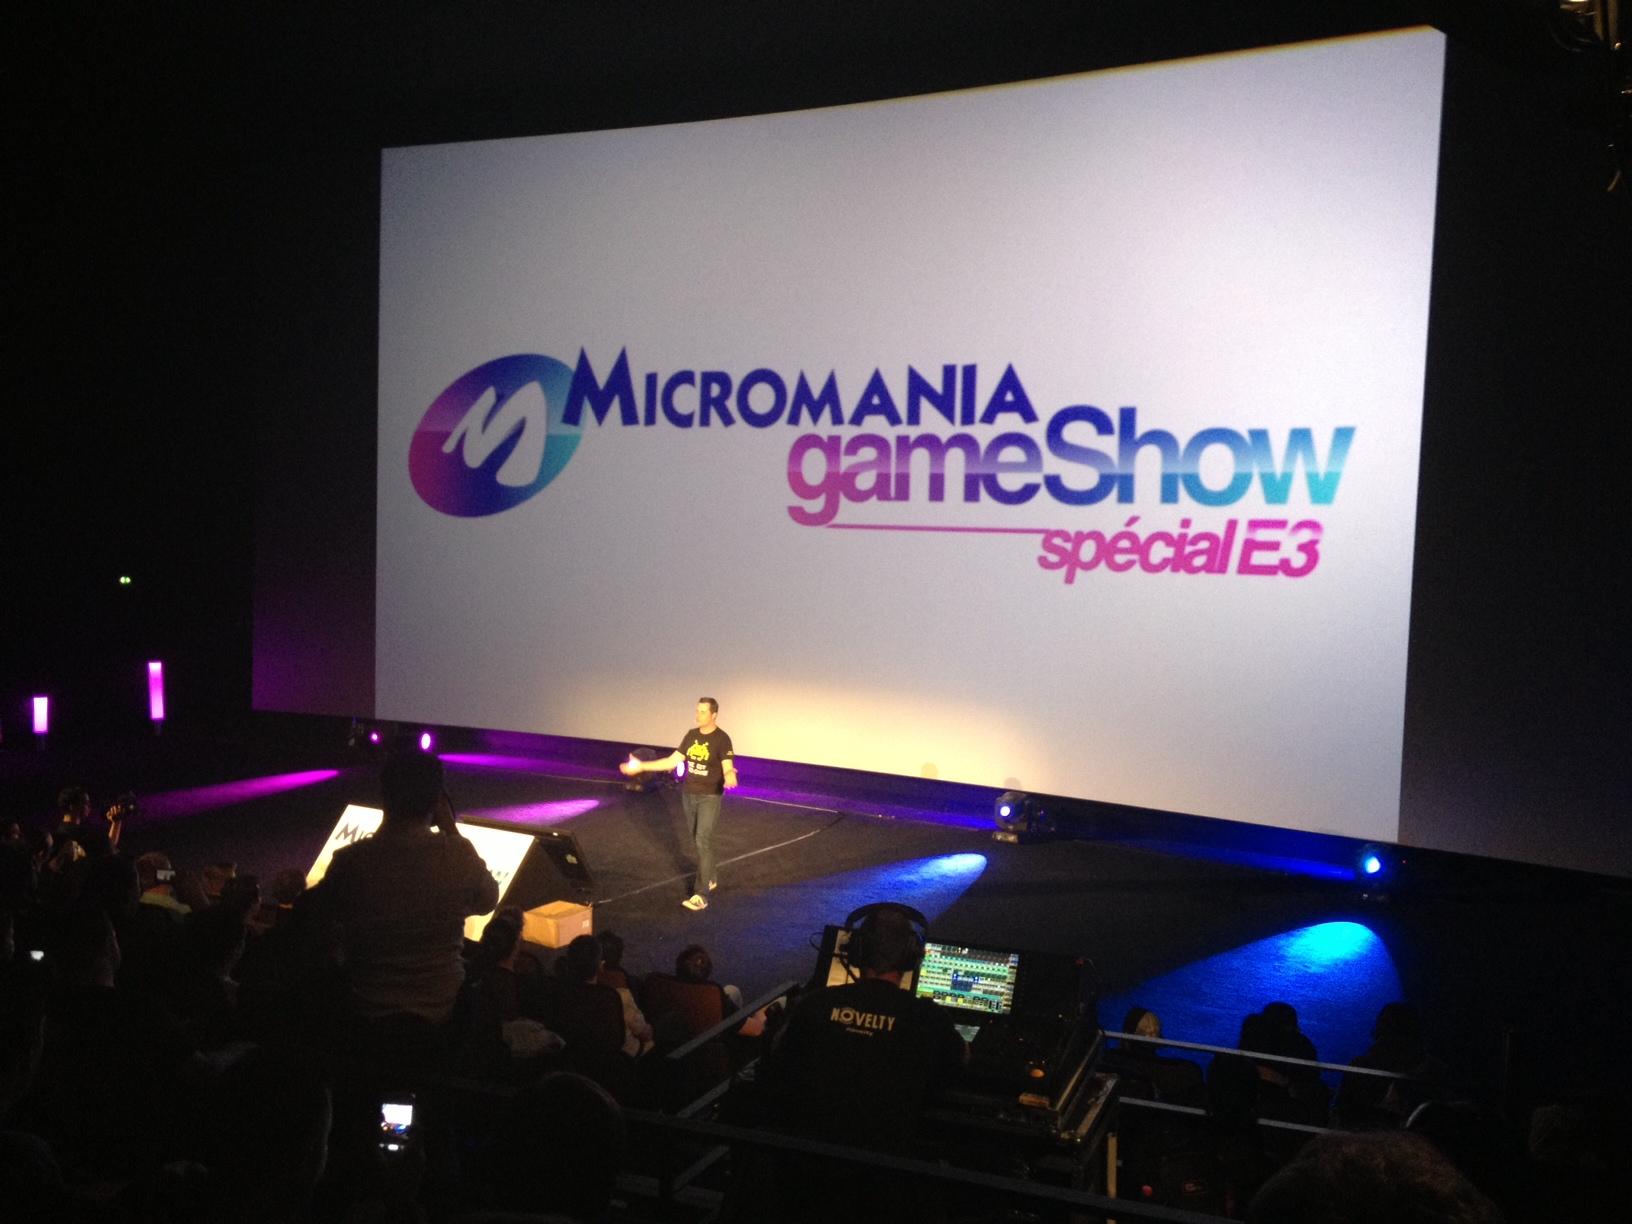 [COMPTE-RENDU] Micromania Games Show – Special E3 2013